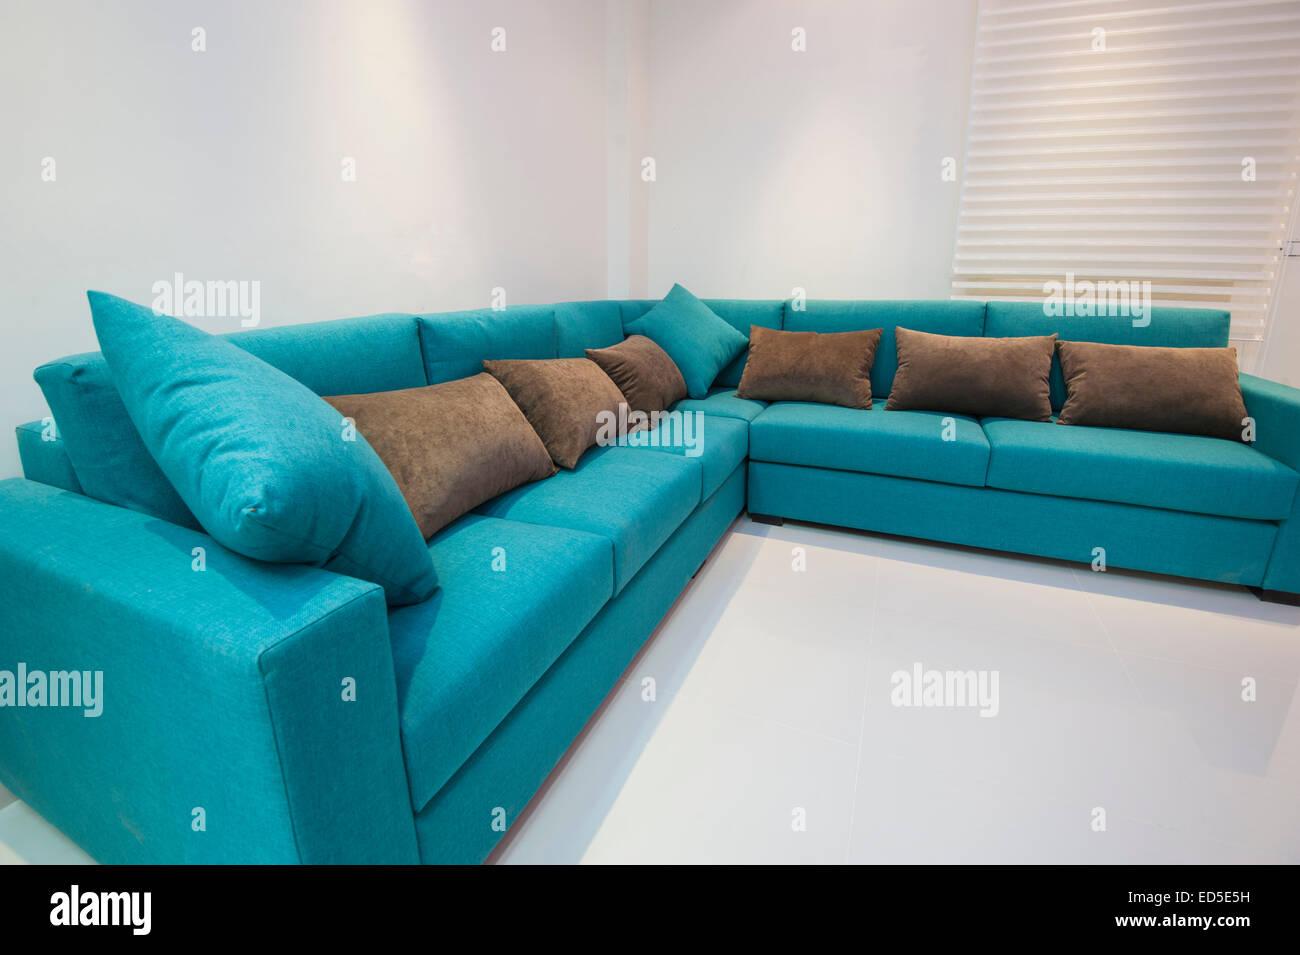 Canapé d'angle avec coussins de luxe appartement salle de séjour Photo Stock